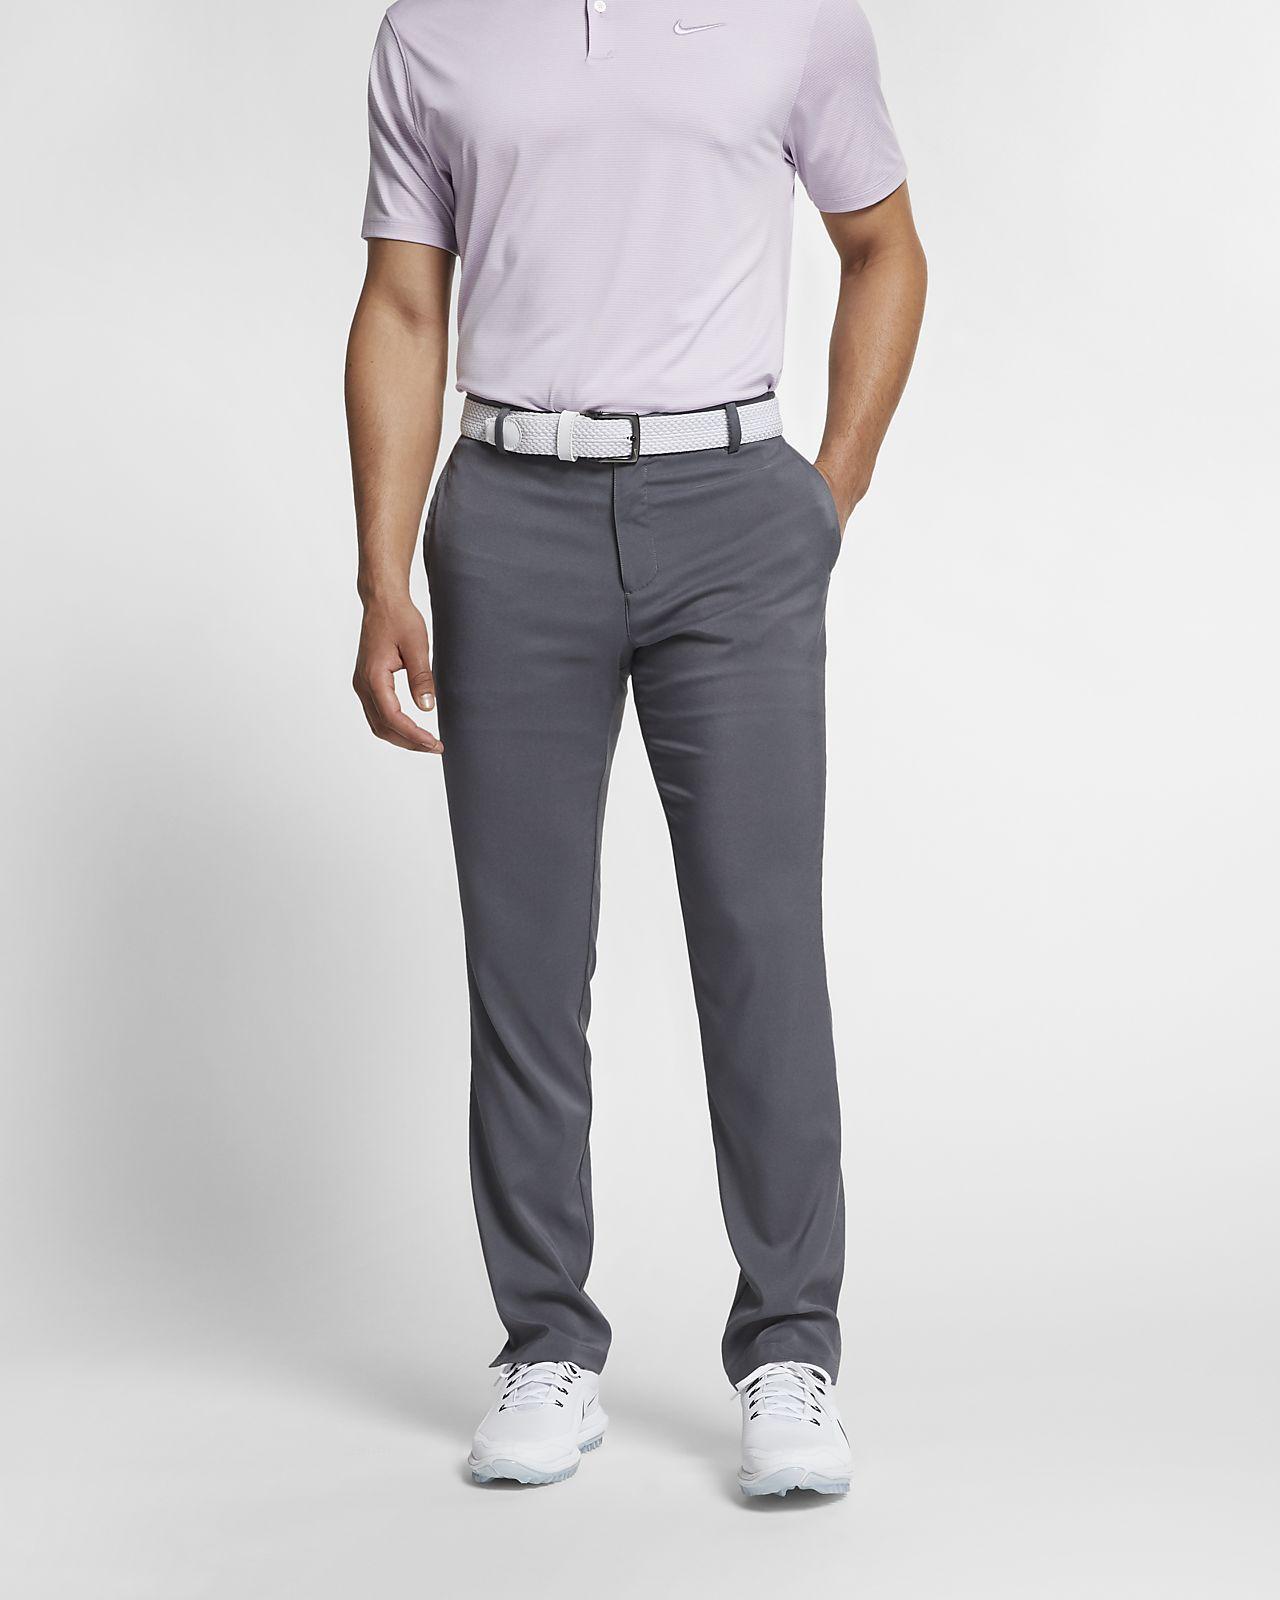 pantalon golf nike